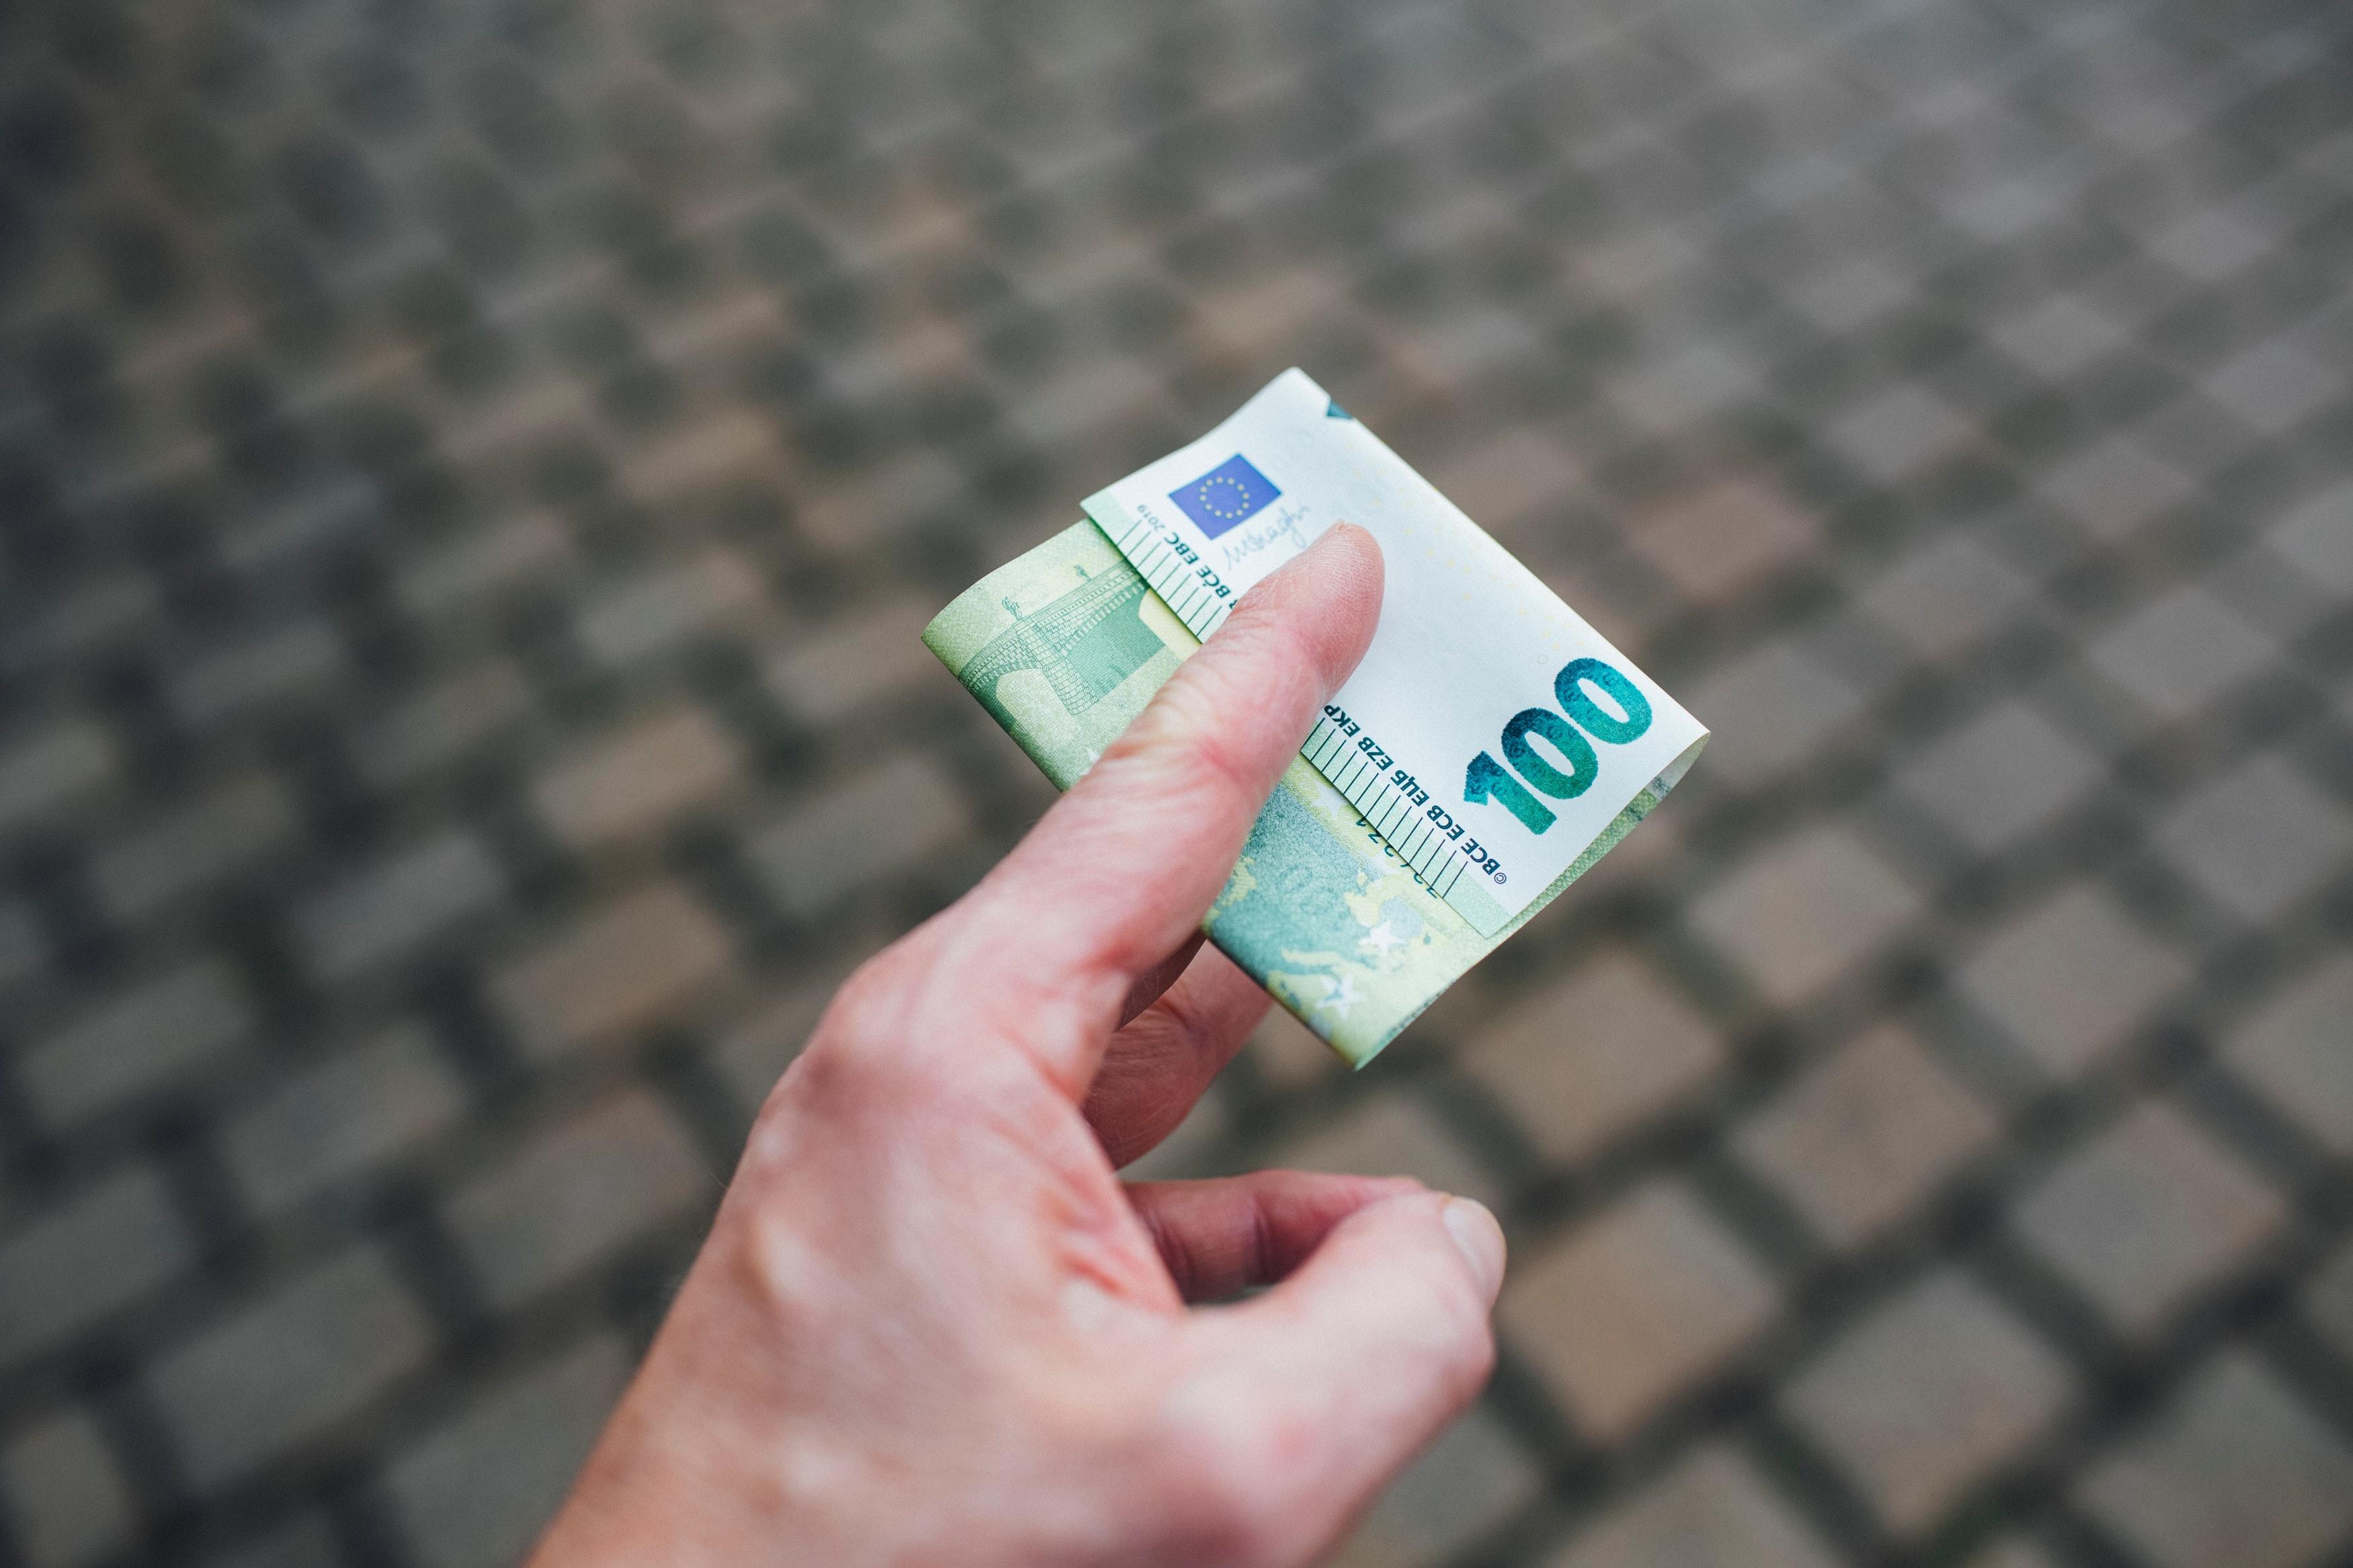 Gehaltserhöhung Zusatz Zum Vertrag - Trainee Gehalt So Viel Wirst Du Verdienen